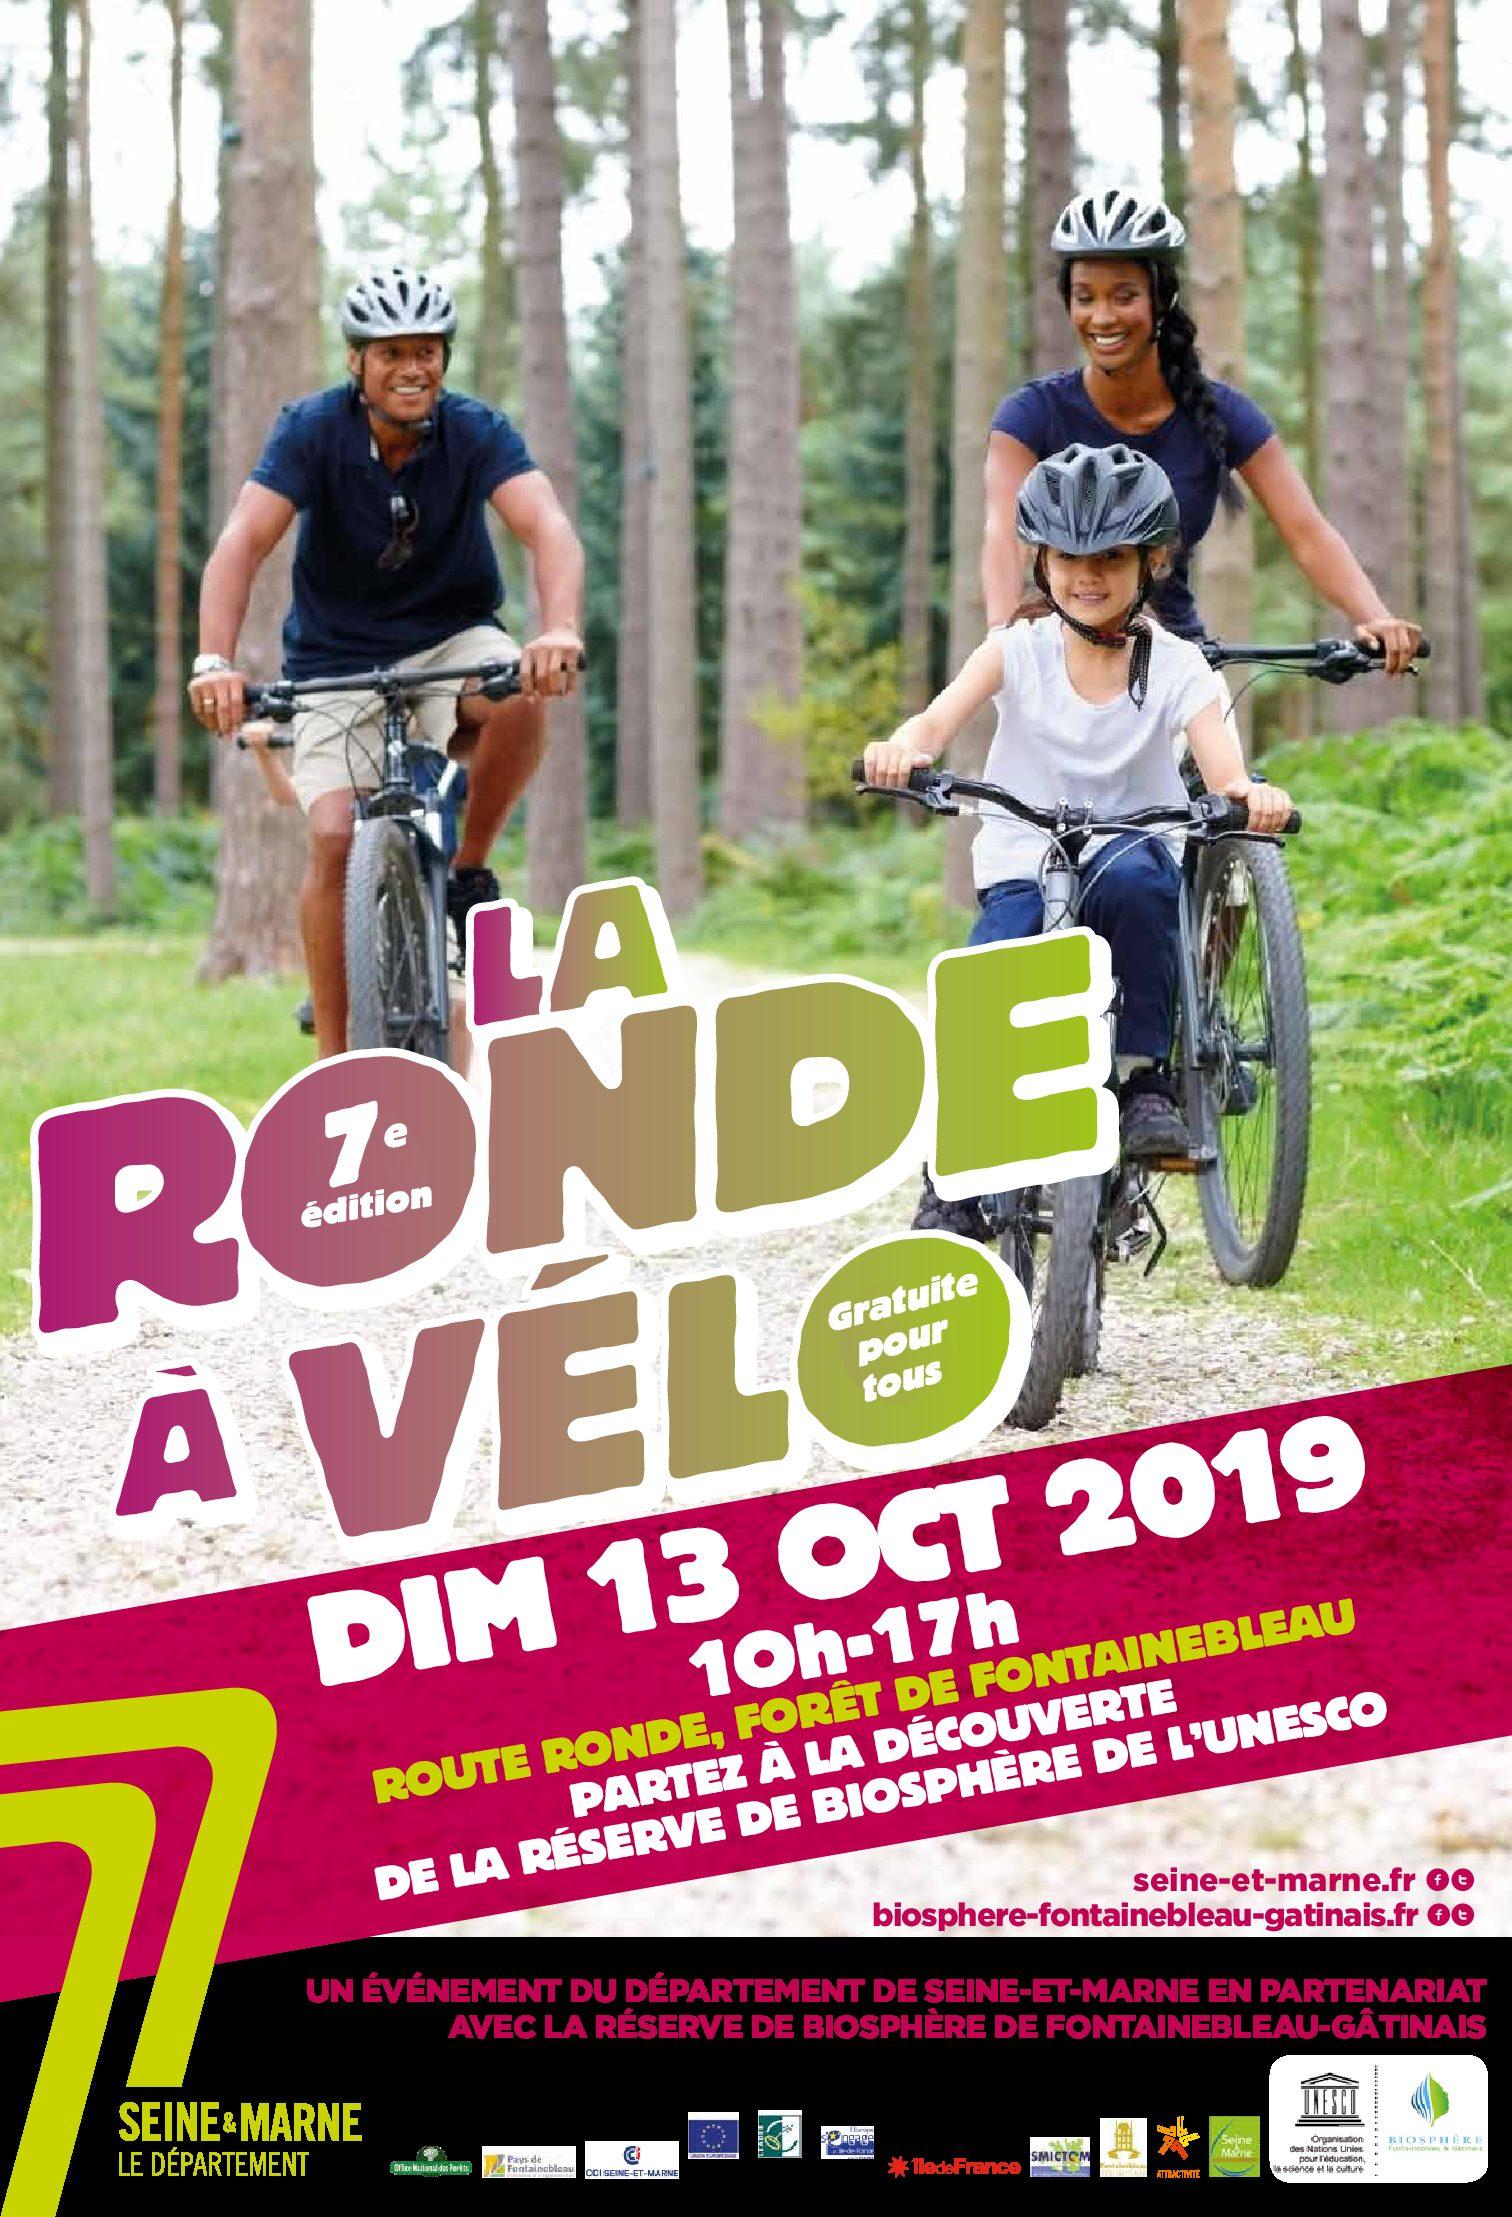 La ronde à vélo - 13 octobre 2019